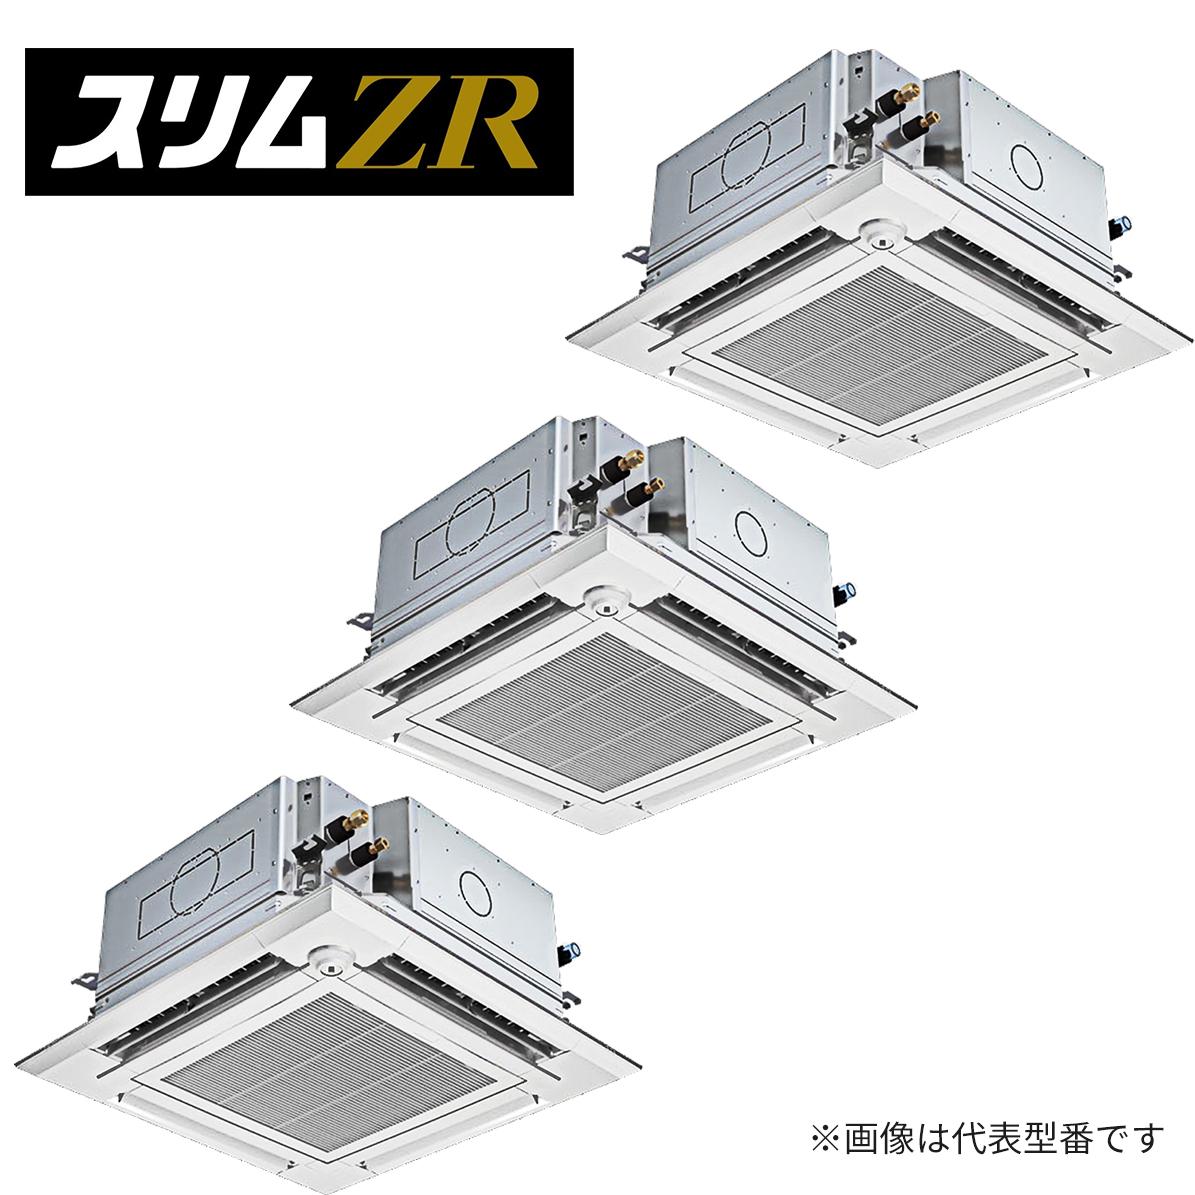 ###三菱 業務用エアコン【PLZT-ZRP224ELFGR】スリムZR 4方向天井カセット形(ファインパワーカセット) 同時トリプル ワイヤレス 三相200V 8馬力